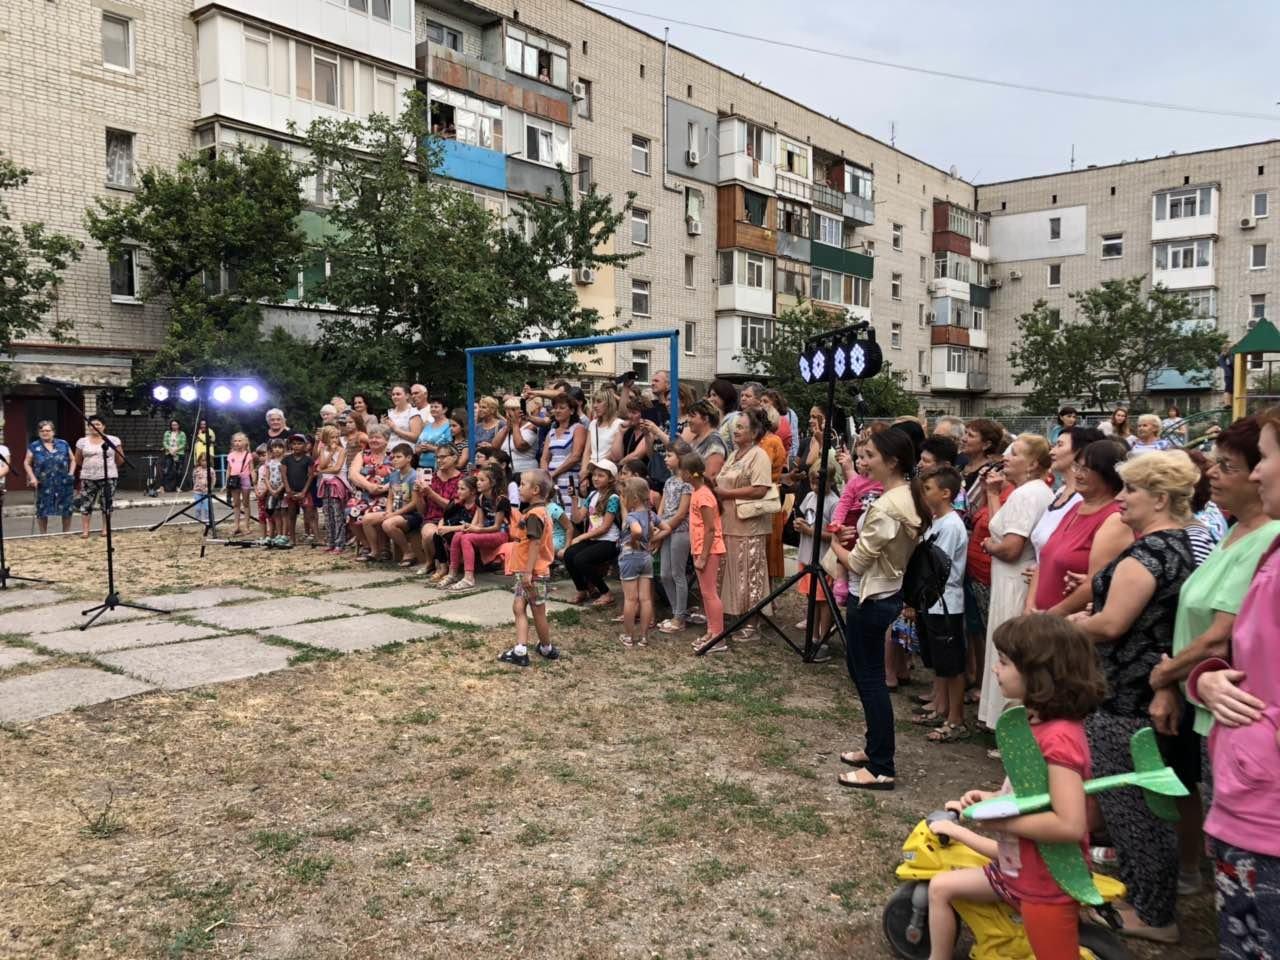 Ніна Матвієнко закликала жителів Макорт і Азмола проголосувати за зміни і порядок, фото-1